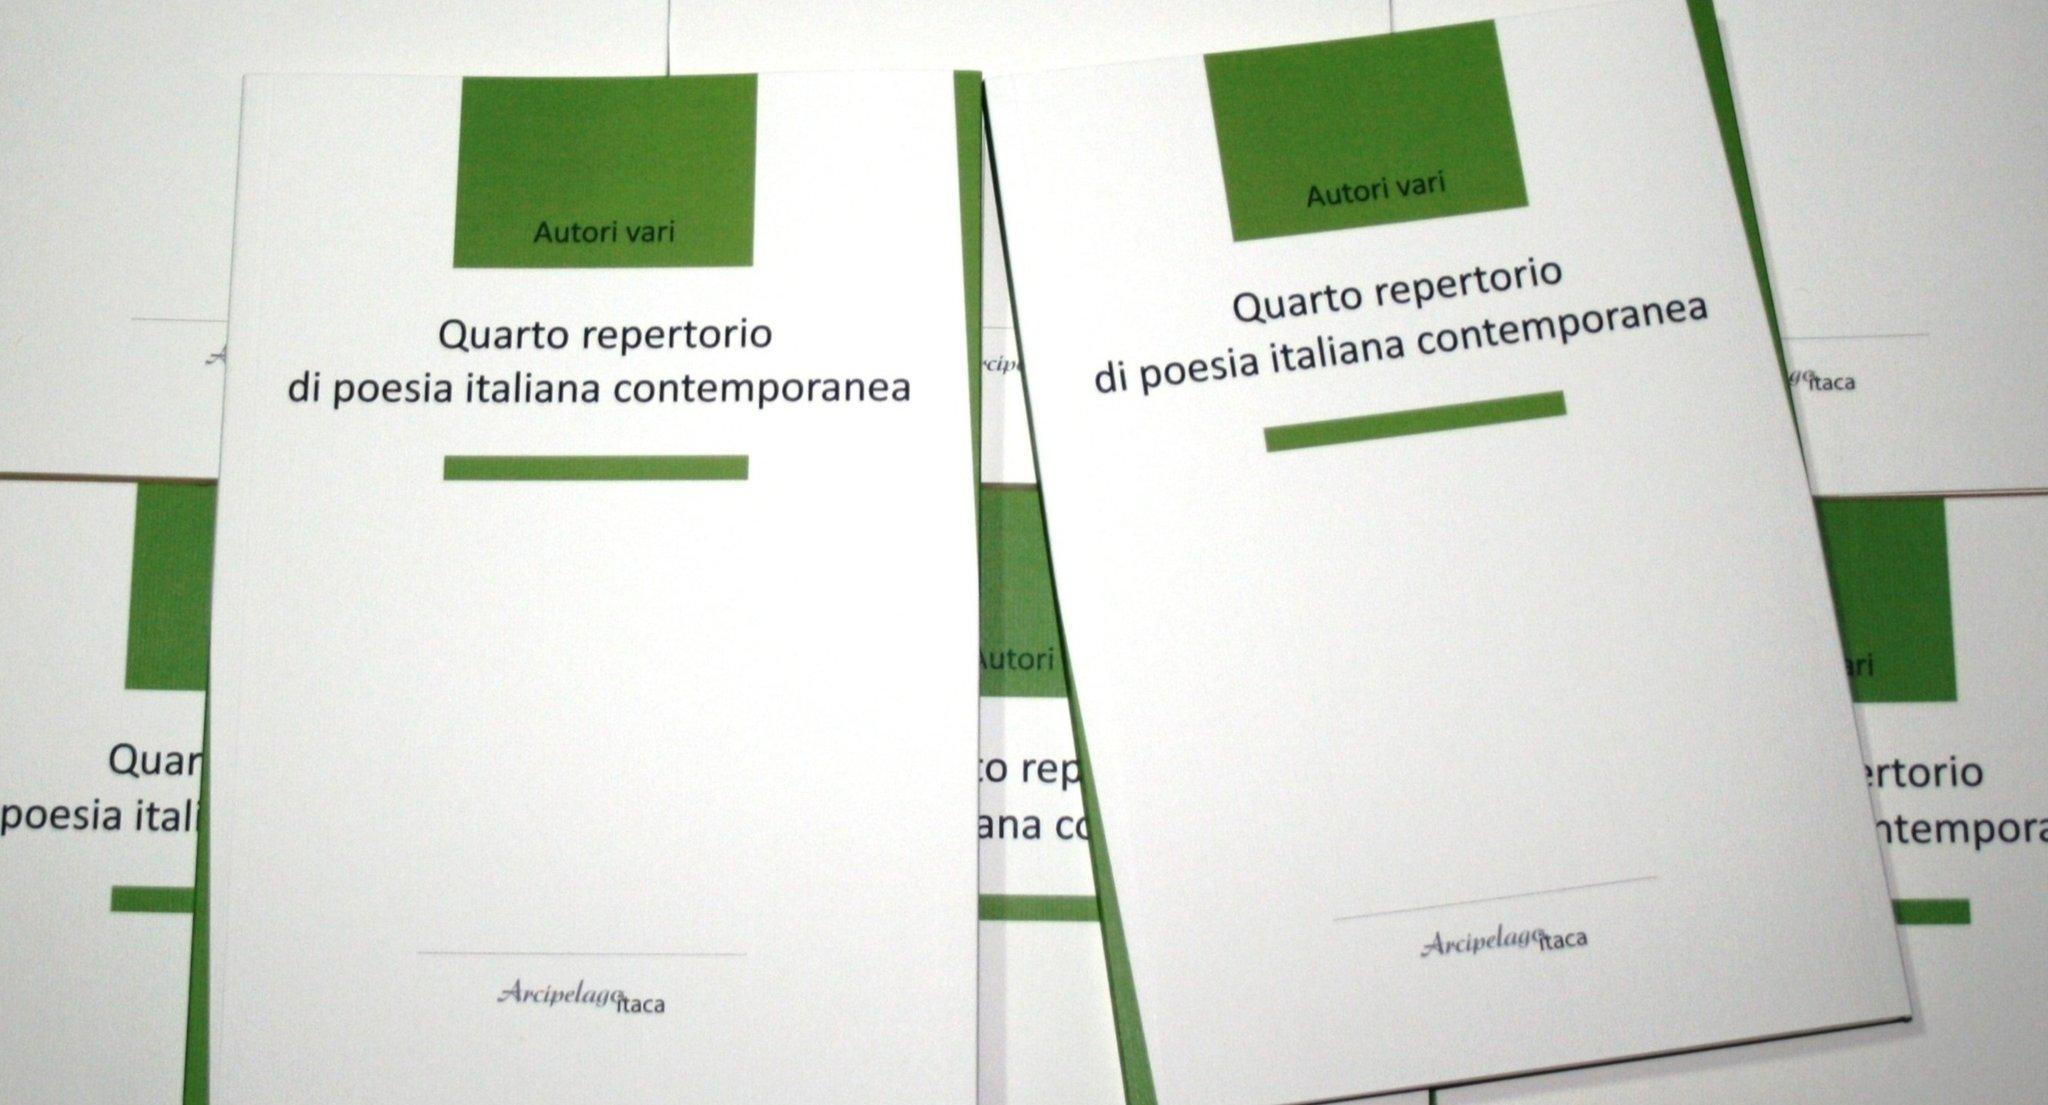 Quarto repertorio di poesia italiana contemporanea  (Arcipelago Itaca, 2020)